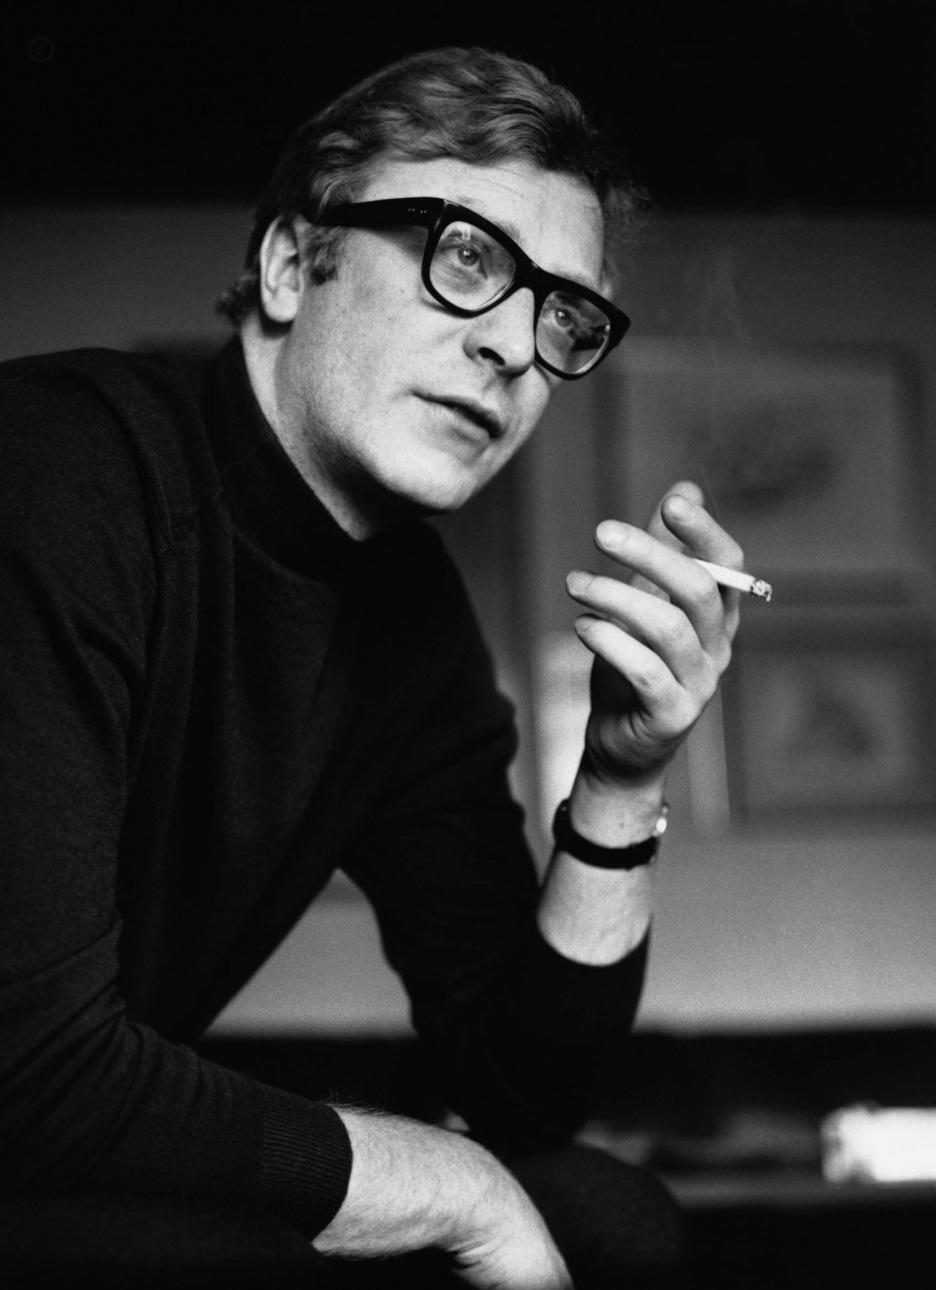 Sir Michael Caine, nascido Maurice Joseph Micklewhite, em Londres, há exatos 81 anos, foi o Jude Law dos anos 60. Ou melhor, Jude Law é o Michael Caine dos anos 2000. Charmoso, elegante e sedutor, Caine possui uma das carreiras mais respeitadas do cinema inglês, com mais de 100 filmes no currículo. Seu estilo era (e ainda é) um fiel retrato do inglês tradicional, com ternos impecáveis e quase nenhum exagero. Um mito do cinema e da moda britânicos que mesmo aos 81 anos ainda nos presenteia com atuações majestosas.